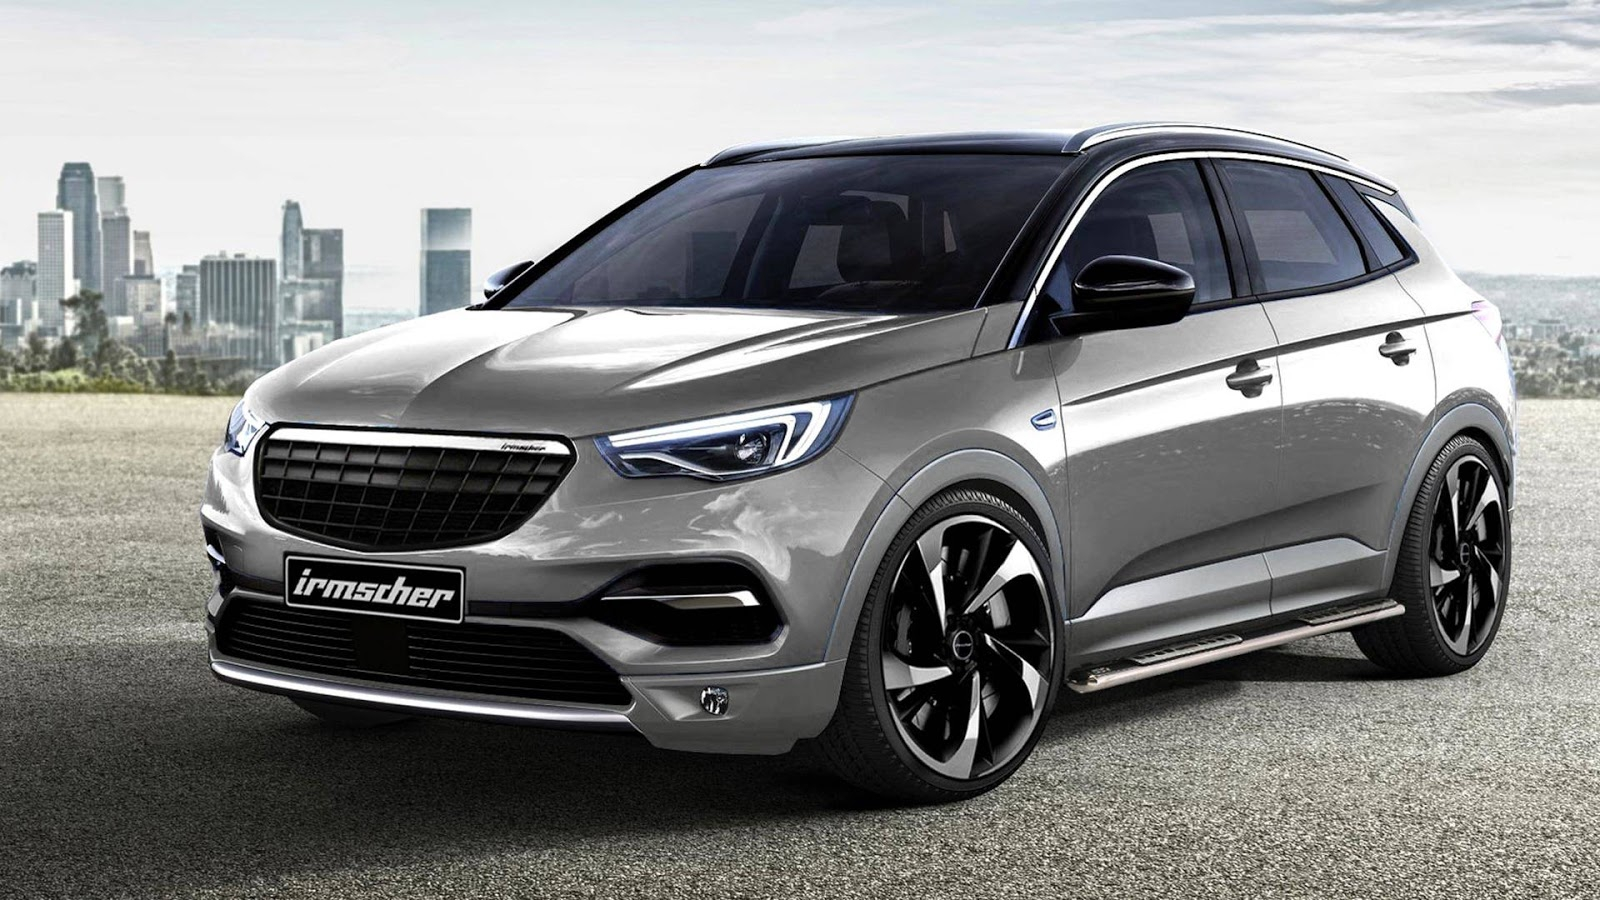 Тунинг Irmscher за джипа на Opel Granland X